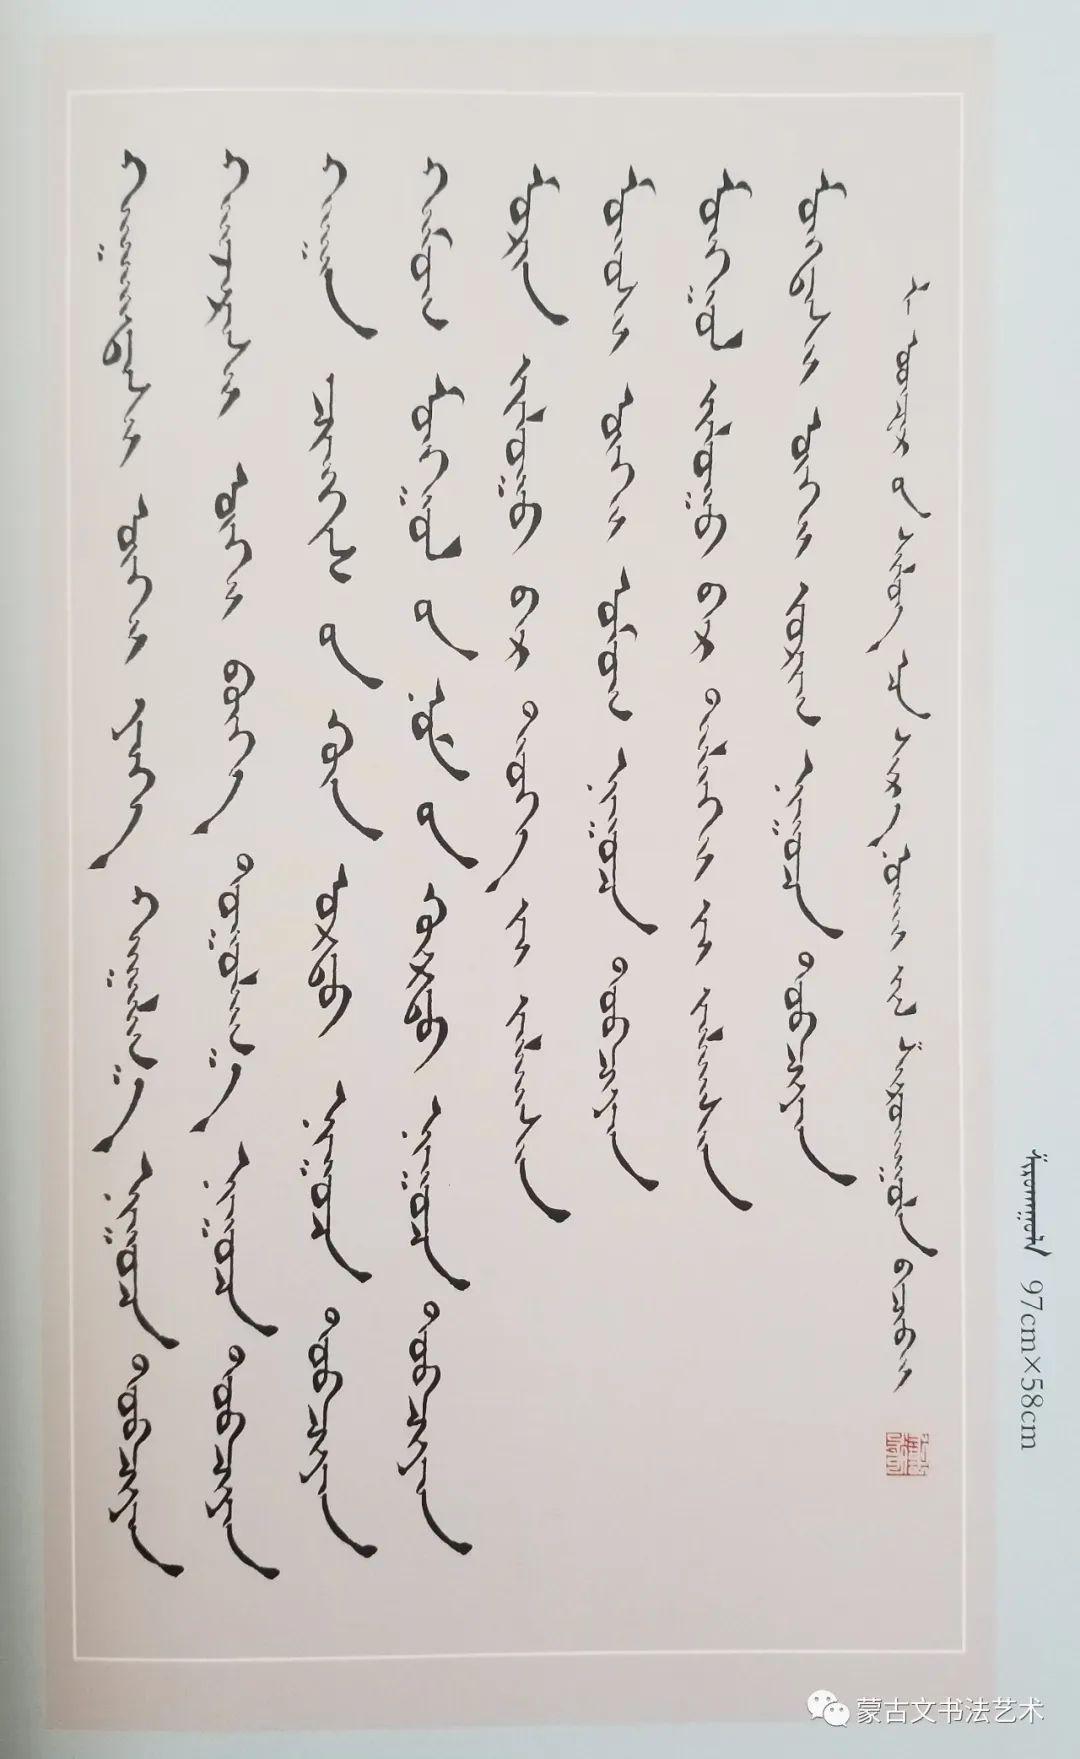 蒙古文书法作品集 第13张